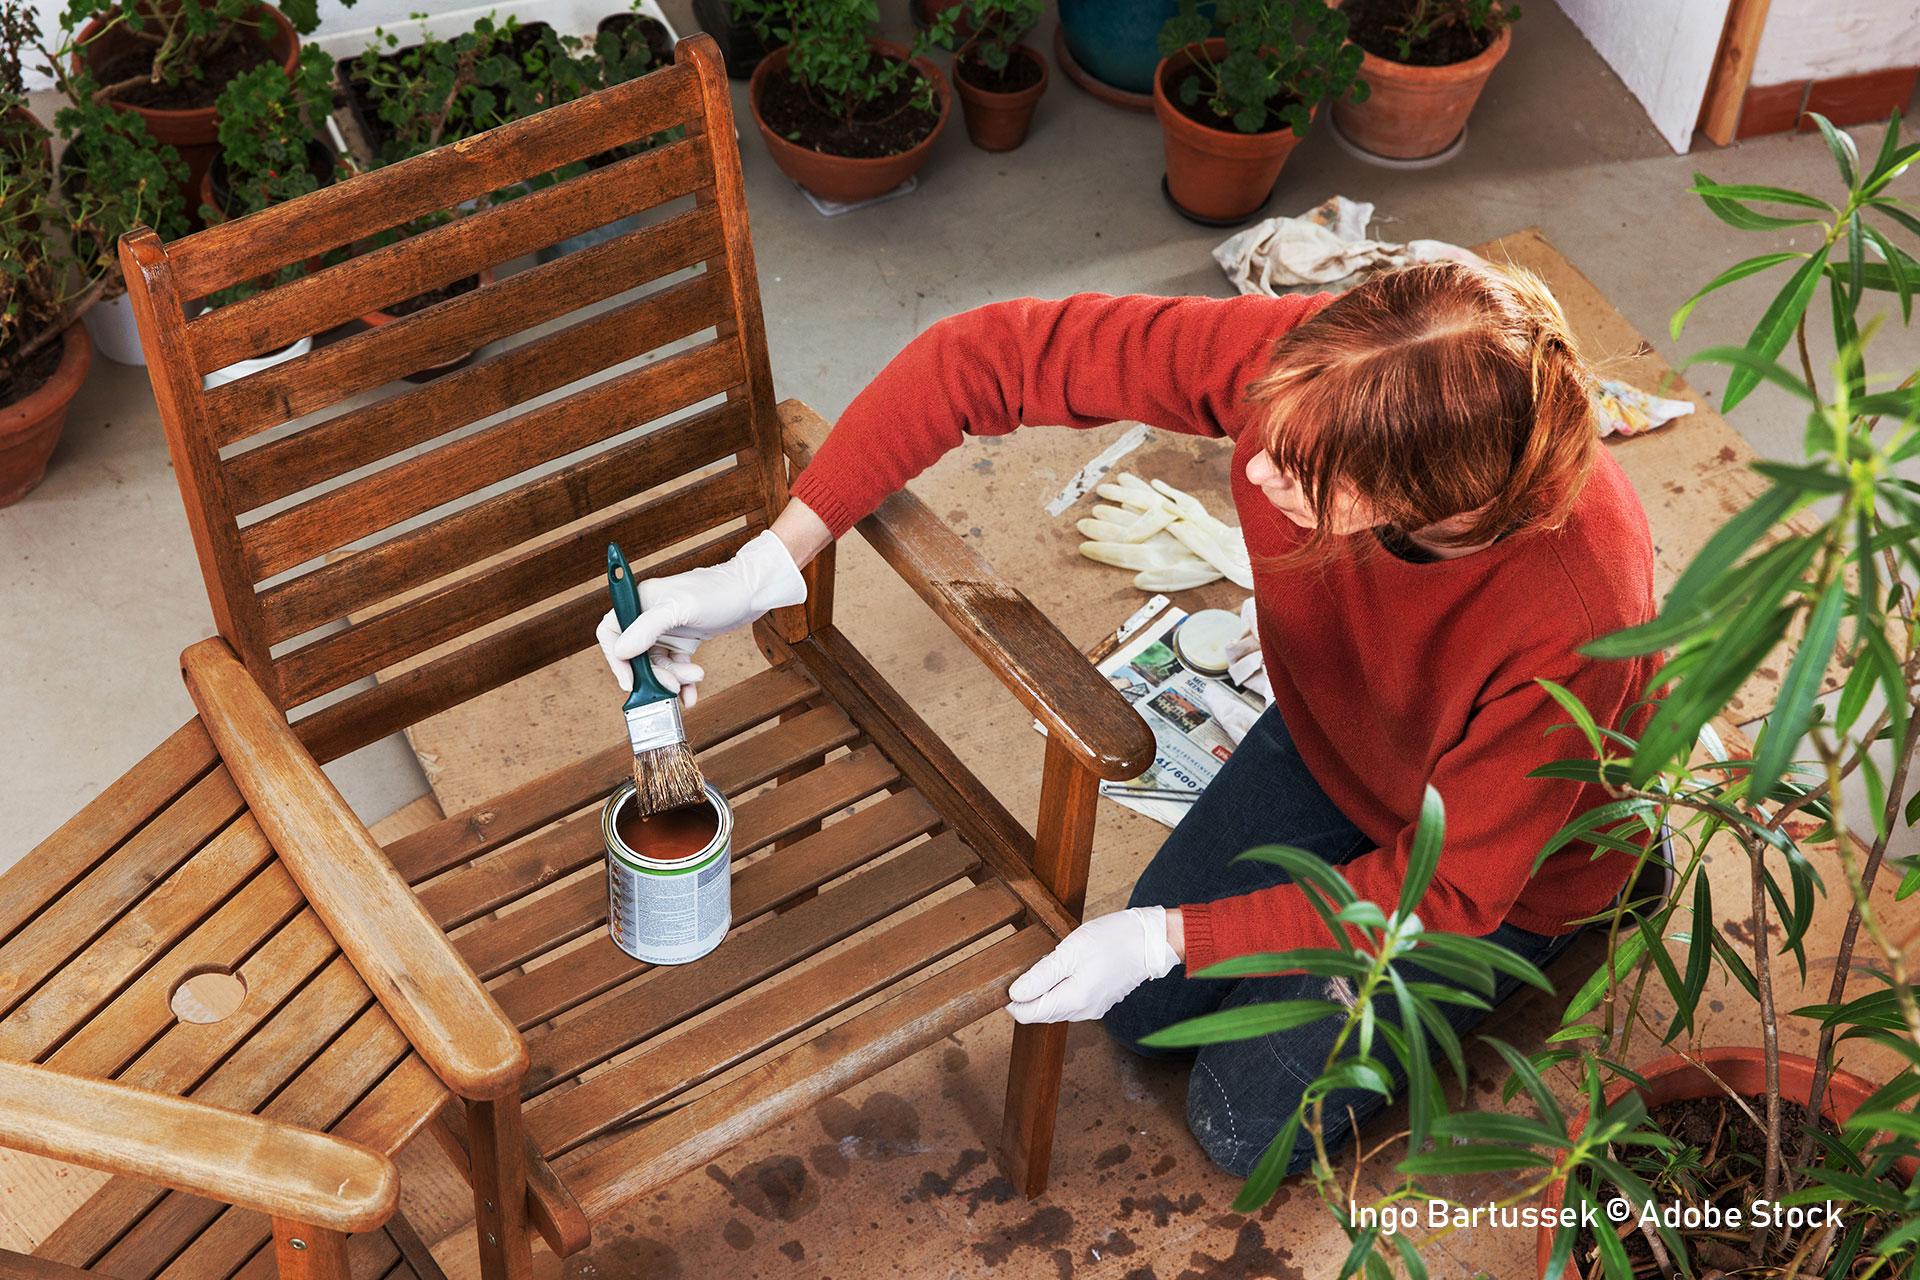 holz lasieren die anleitung mit tipps und tricks theo schrauben. Black Bedroom Furniture Sets. Home Design Ideas